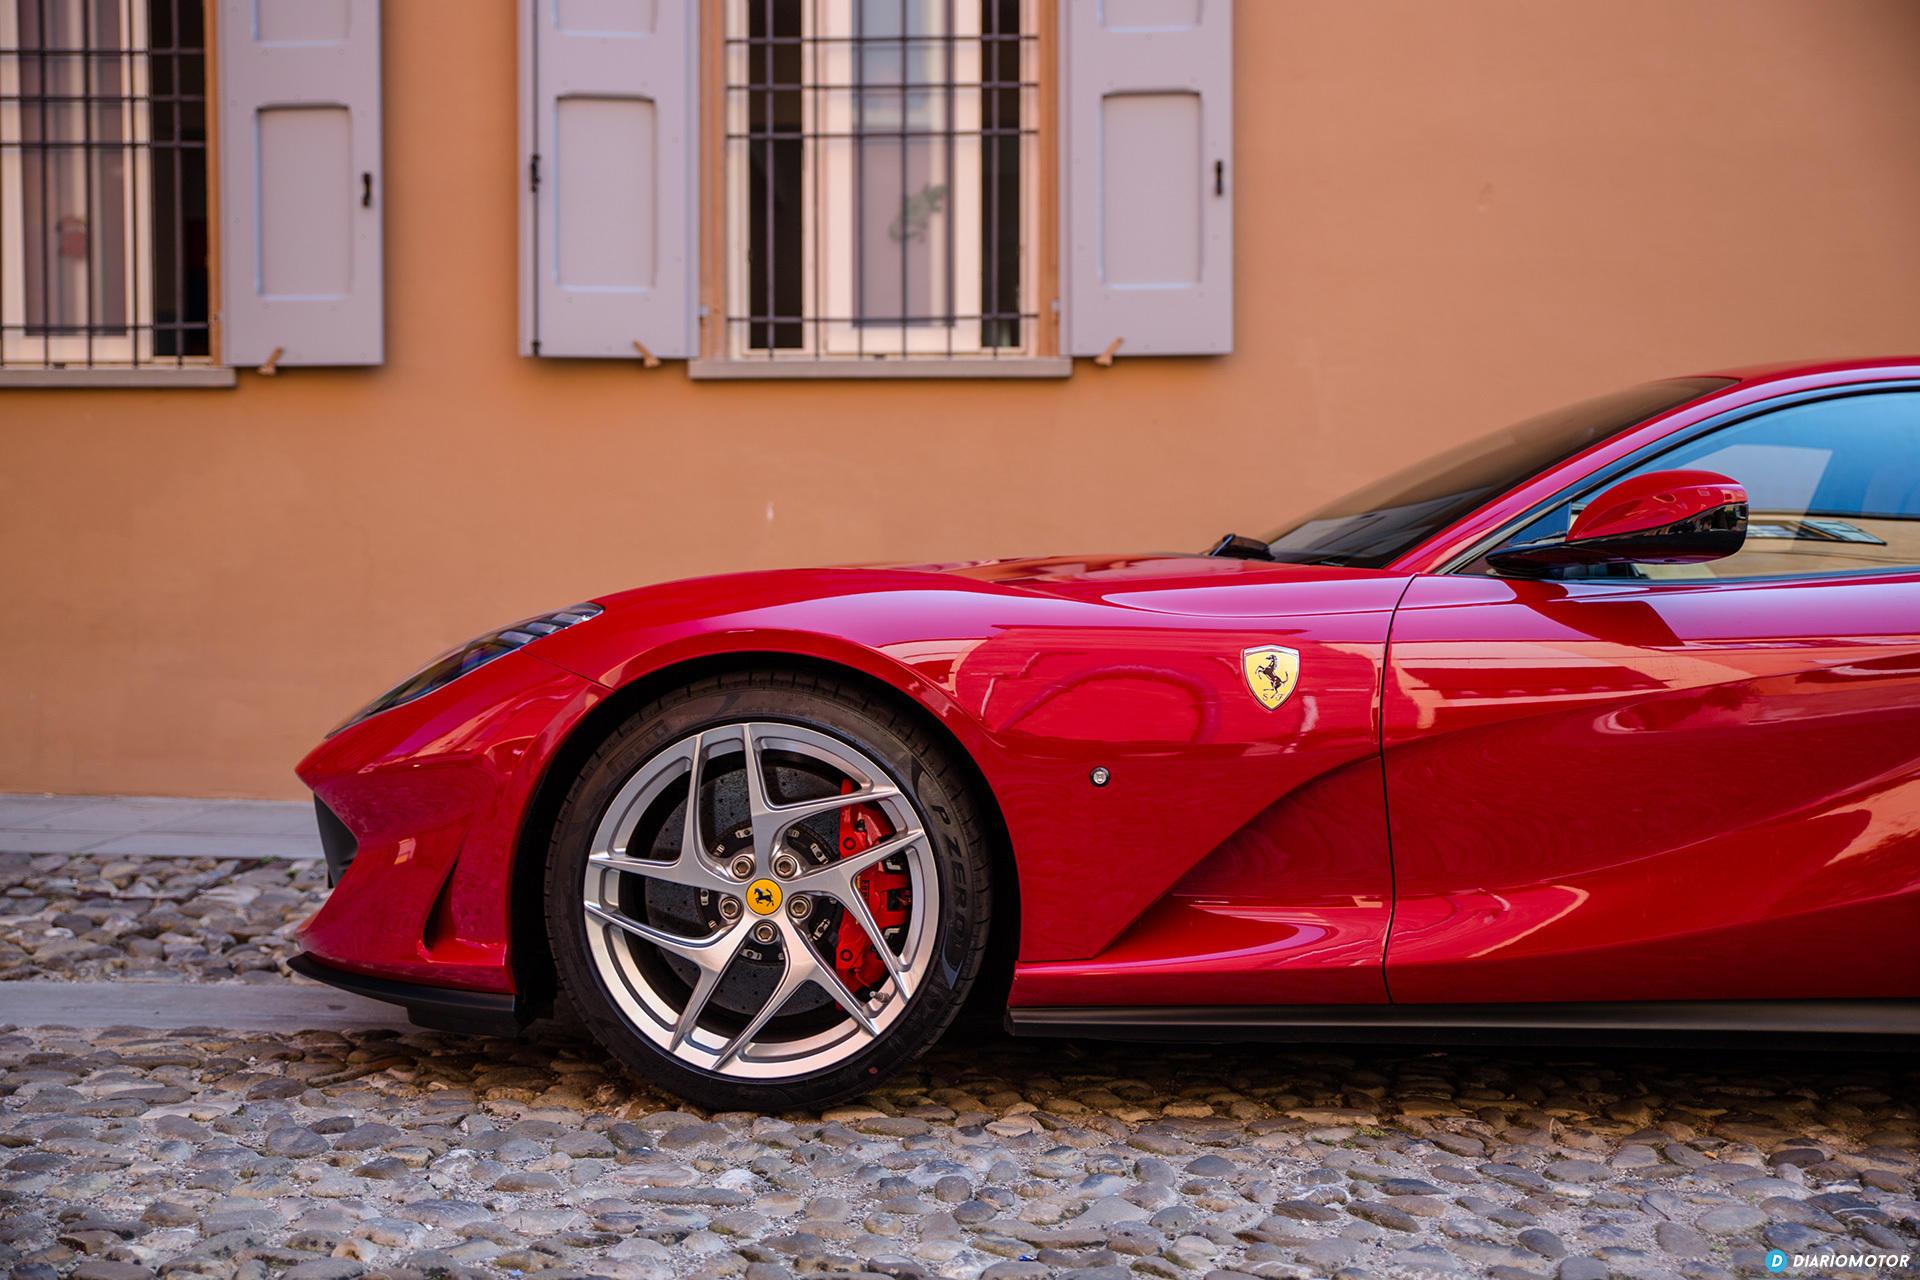 Ferrari 812 Superfast Exterior 00038